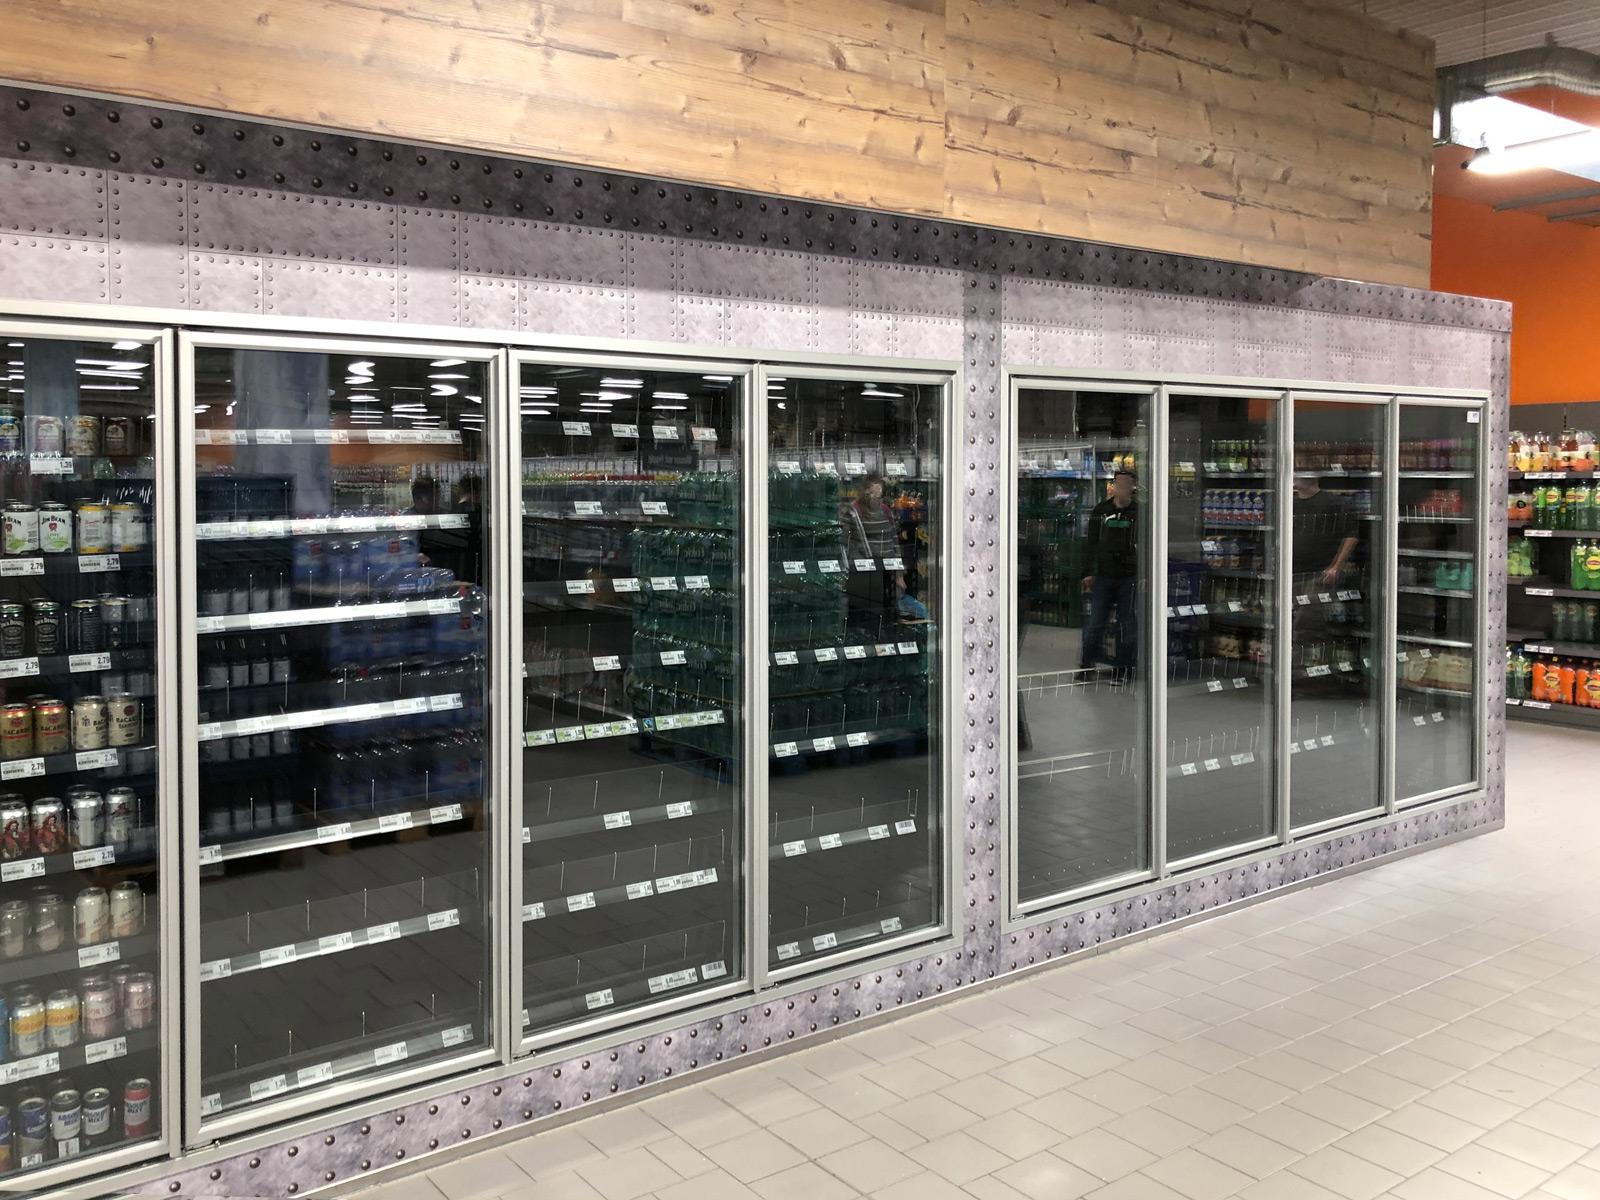 Großflächig folierter Kühlraum in einem Edekamarkt. Nur die Türrahmen sind beklebt.